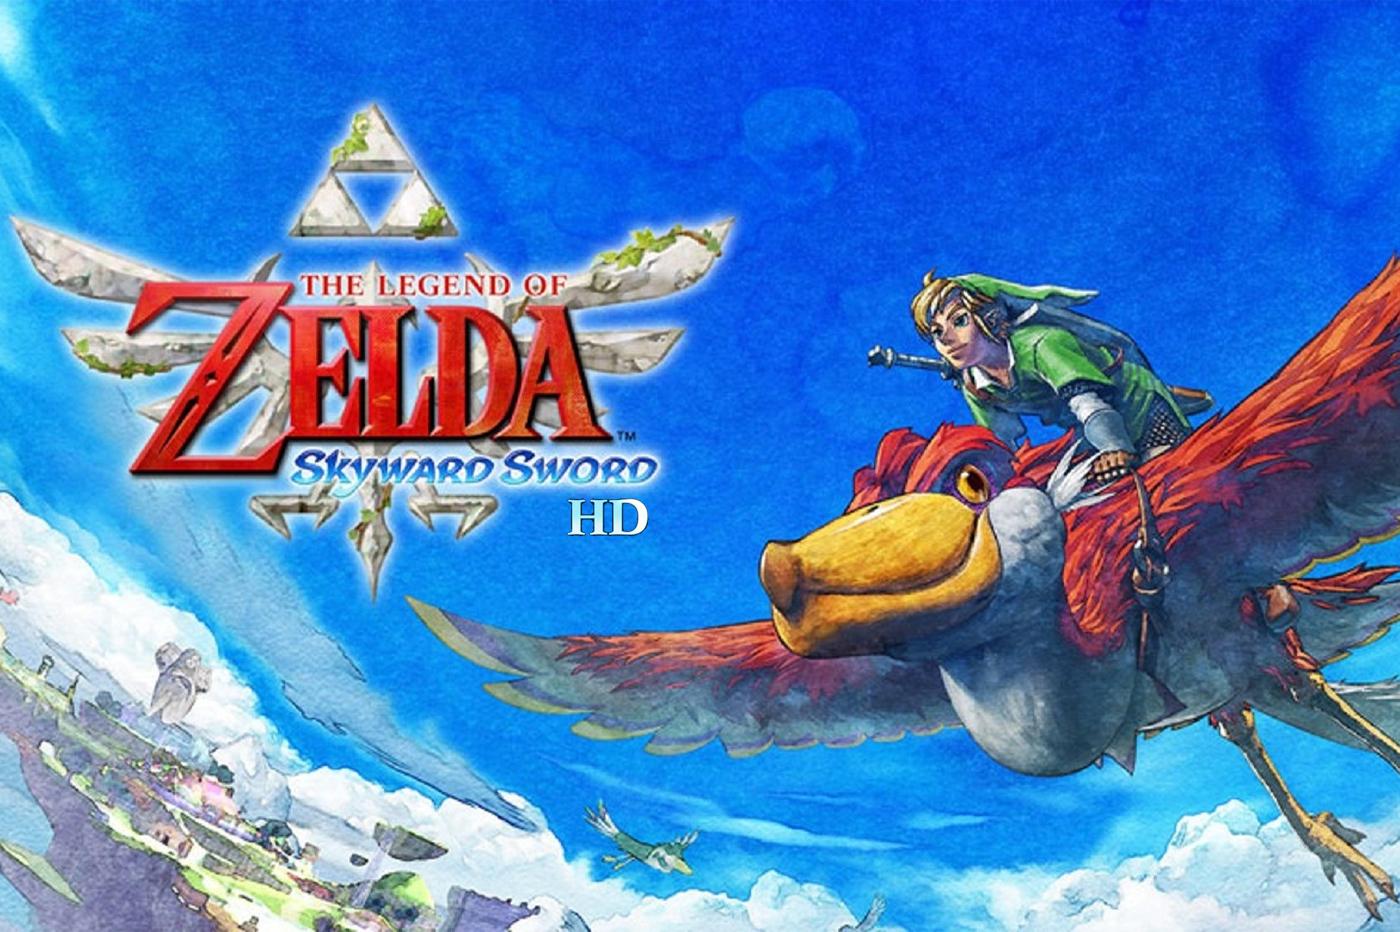 The Legend of Zelda Skyward Sword HD: Retour gagnant sur Switch?